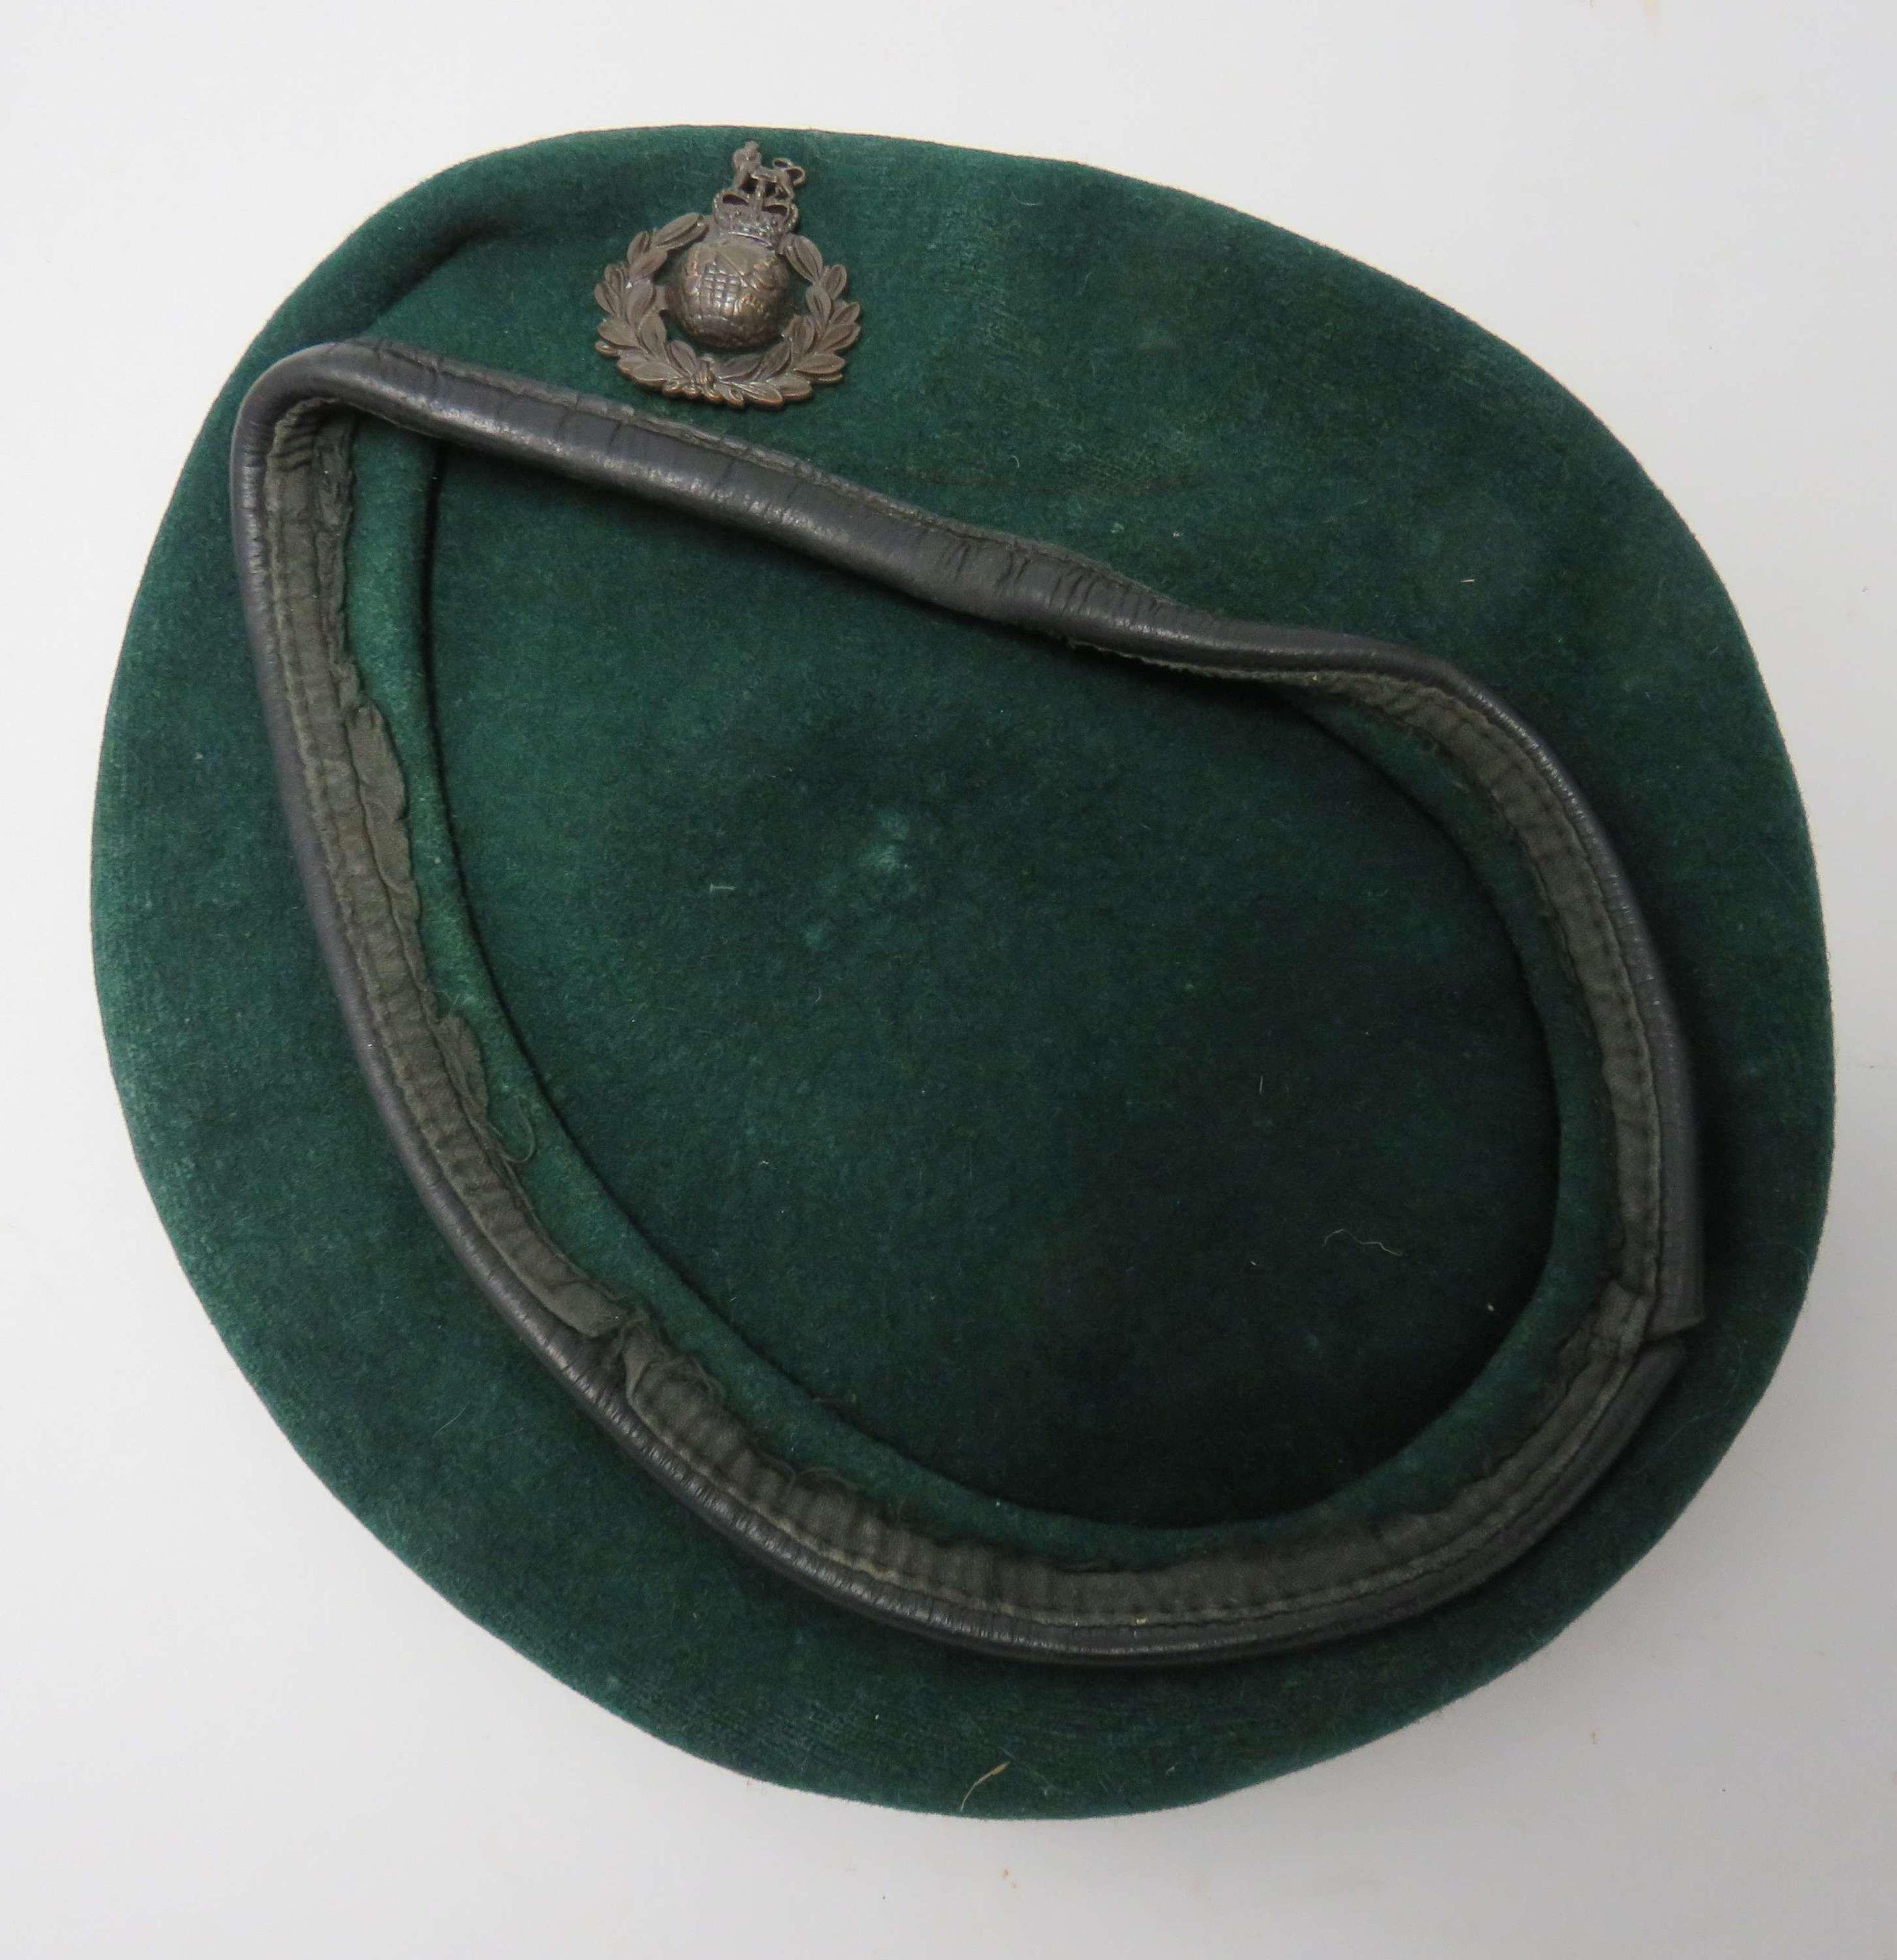 Post 1953 Royal Marines Green Beret